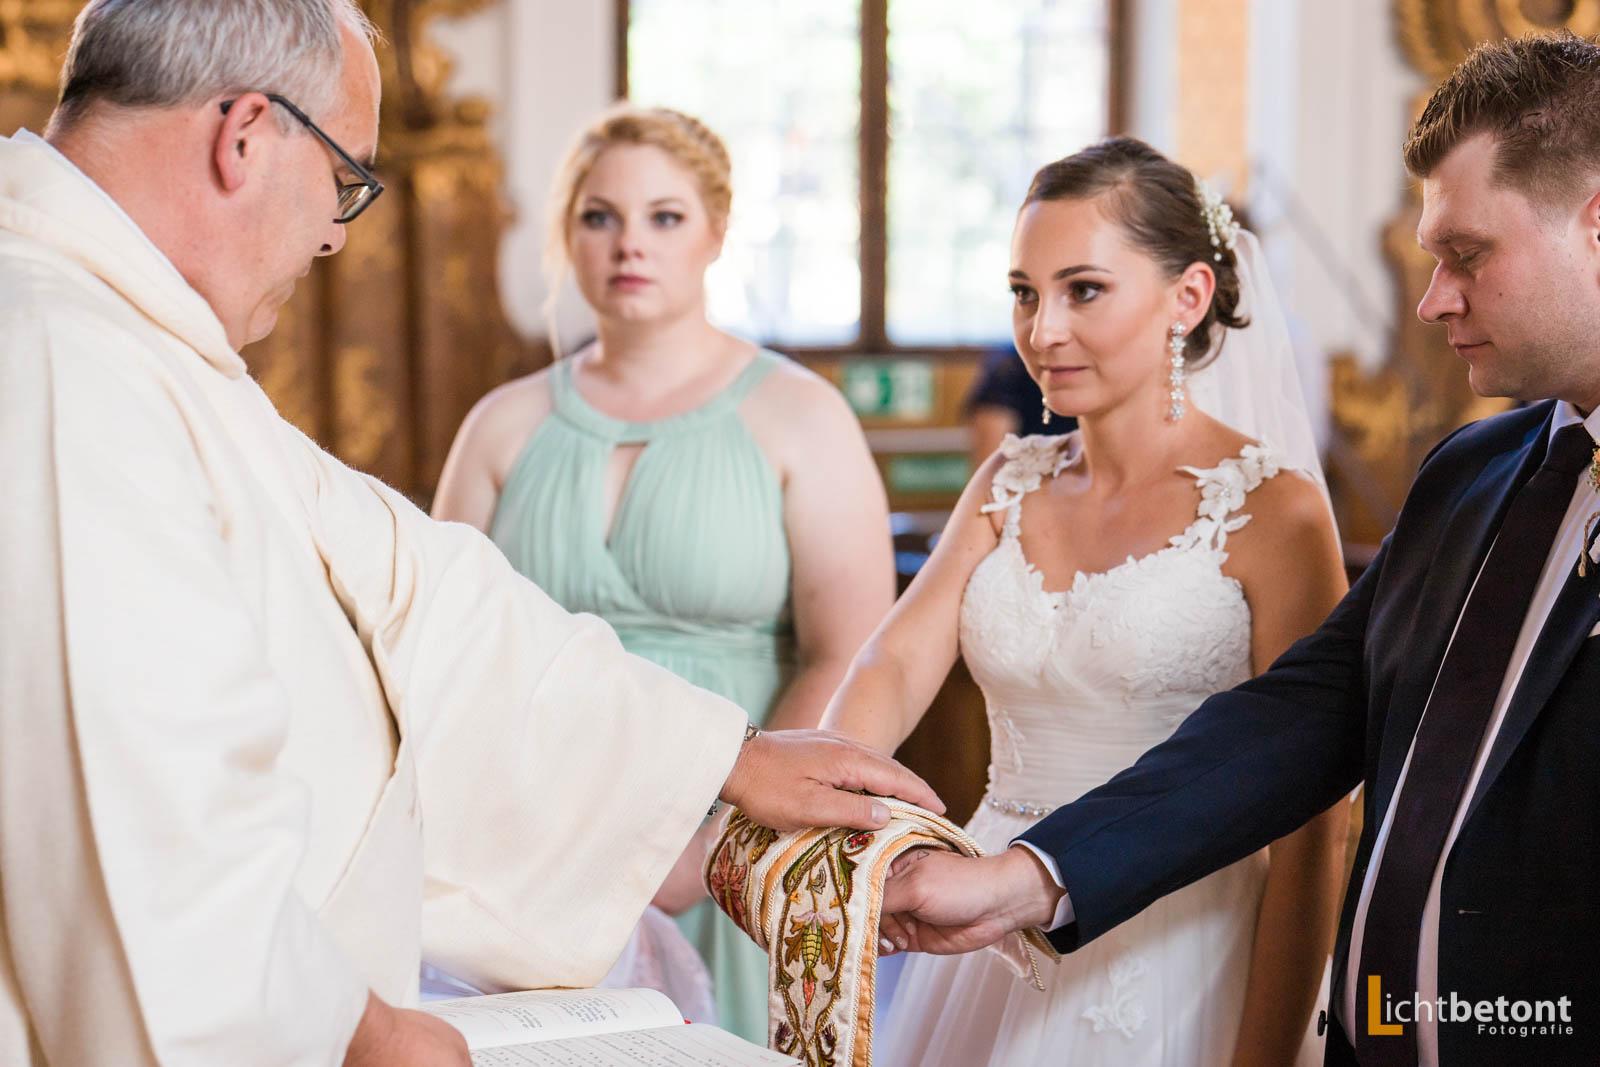 Hochzeitsreportage Seehaus Asam Kirche Ingolstadt Barocksaal Baggersee heiraten Hochzeitsfeier_0037